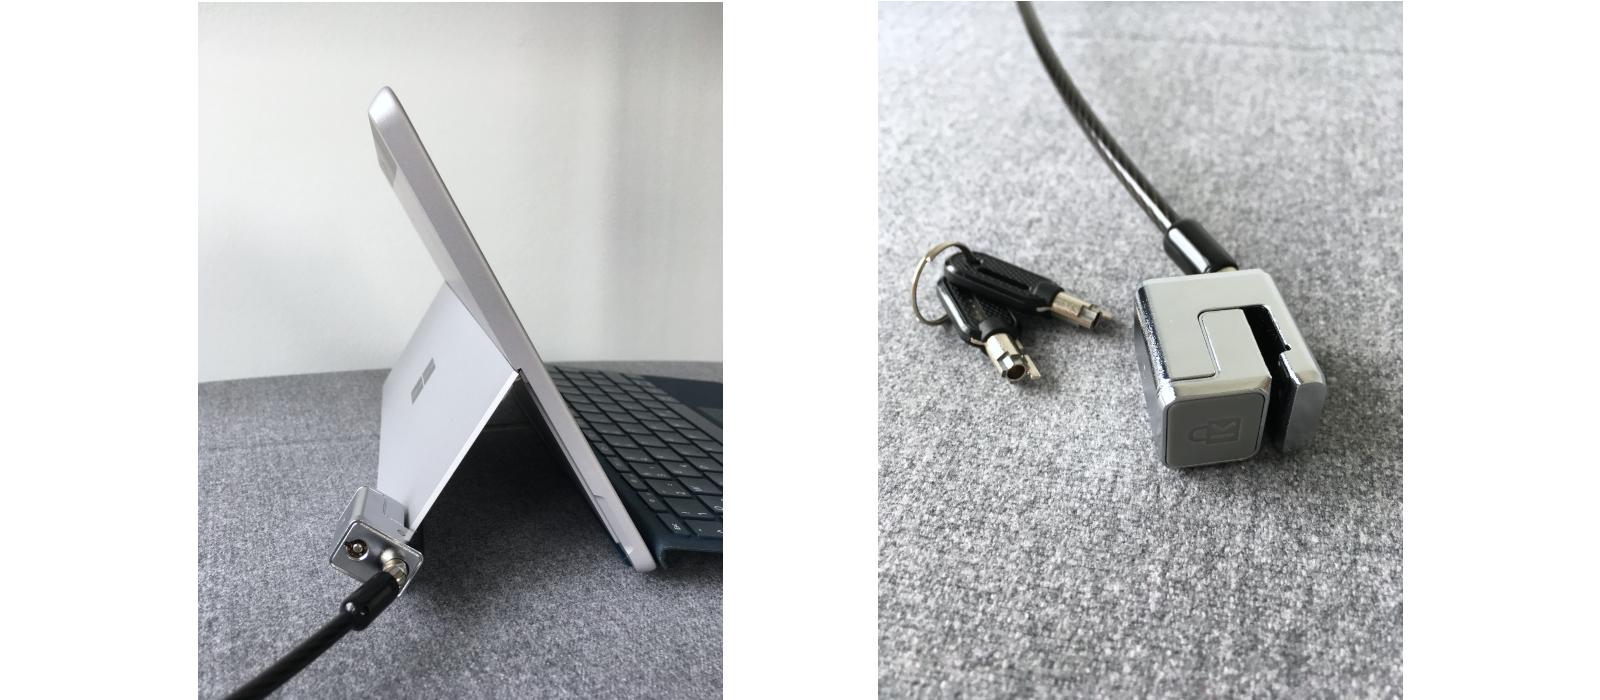 Kensington® Kabelschloss für das Surface Pro 7/6/5/4 & Surface Go und Surface Go 2 am Surface Go befestigt